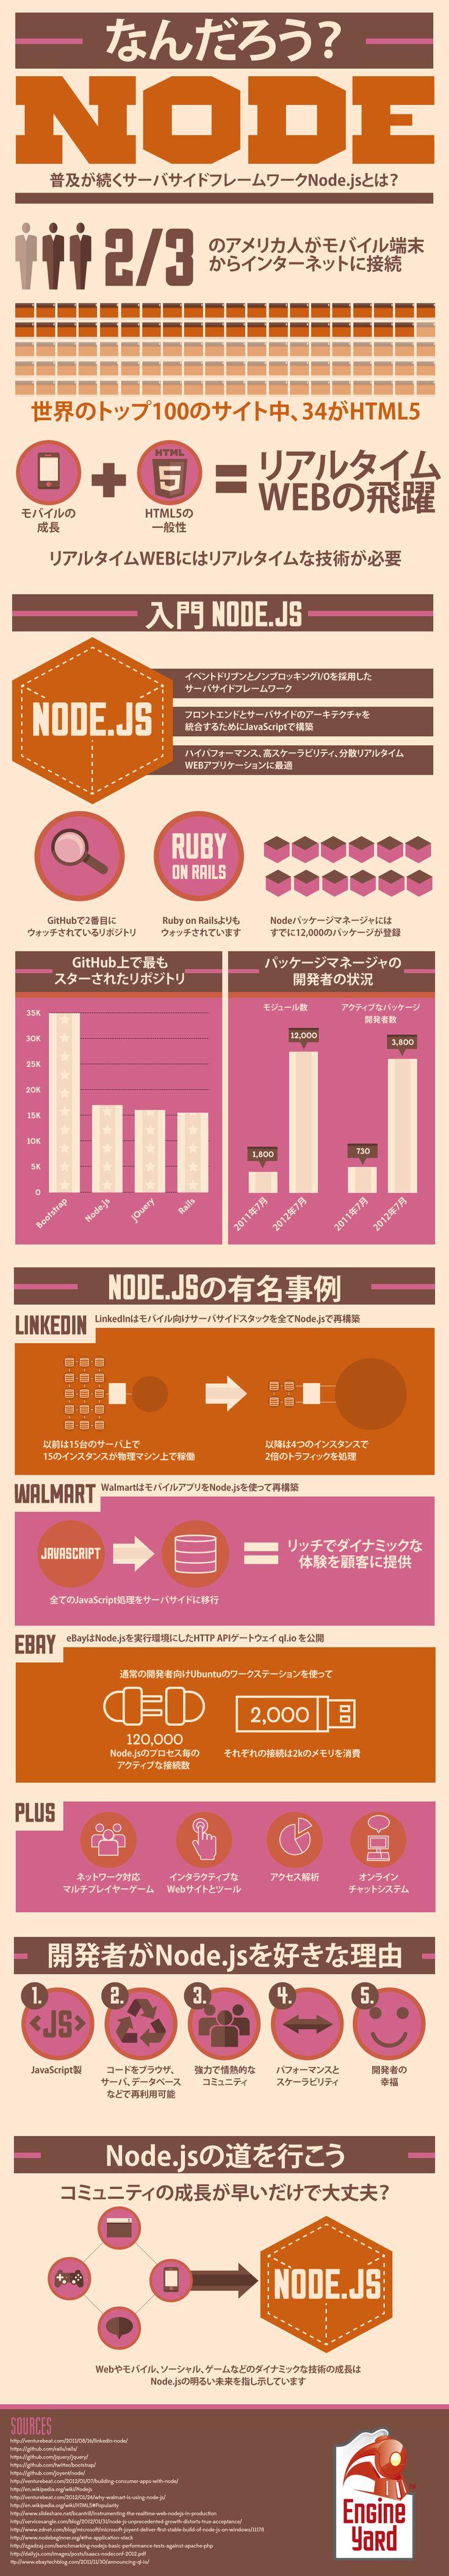 インフォグラフィック:Node.jsはサーバーサイド/フロントエンジニアの必須スキル